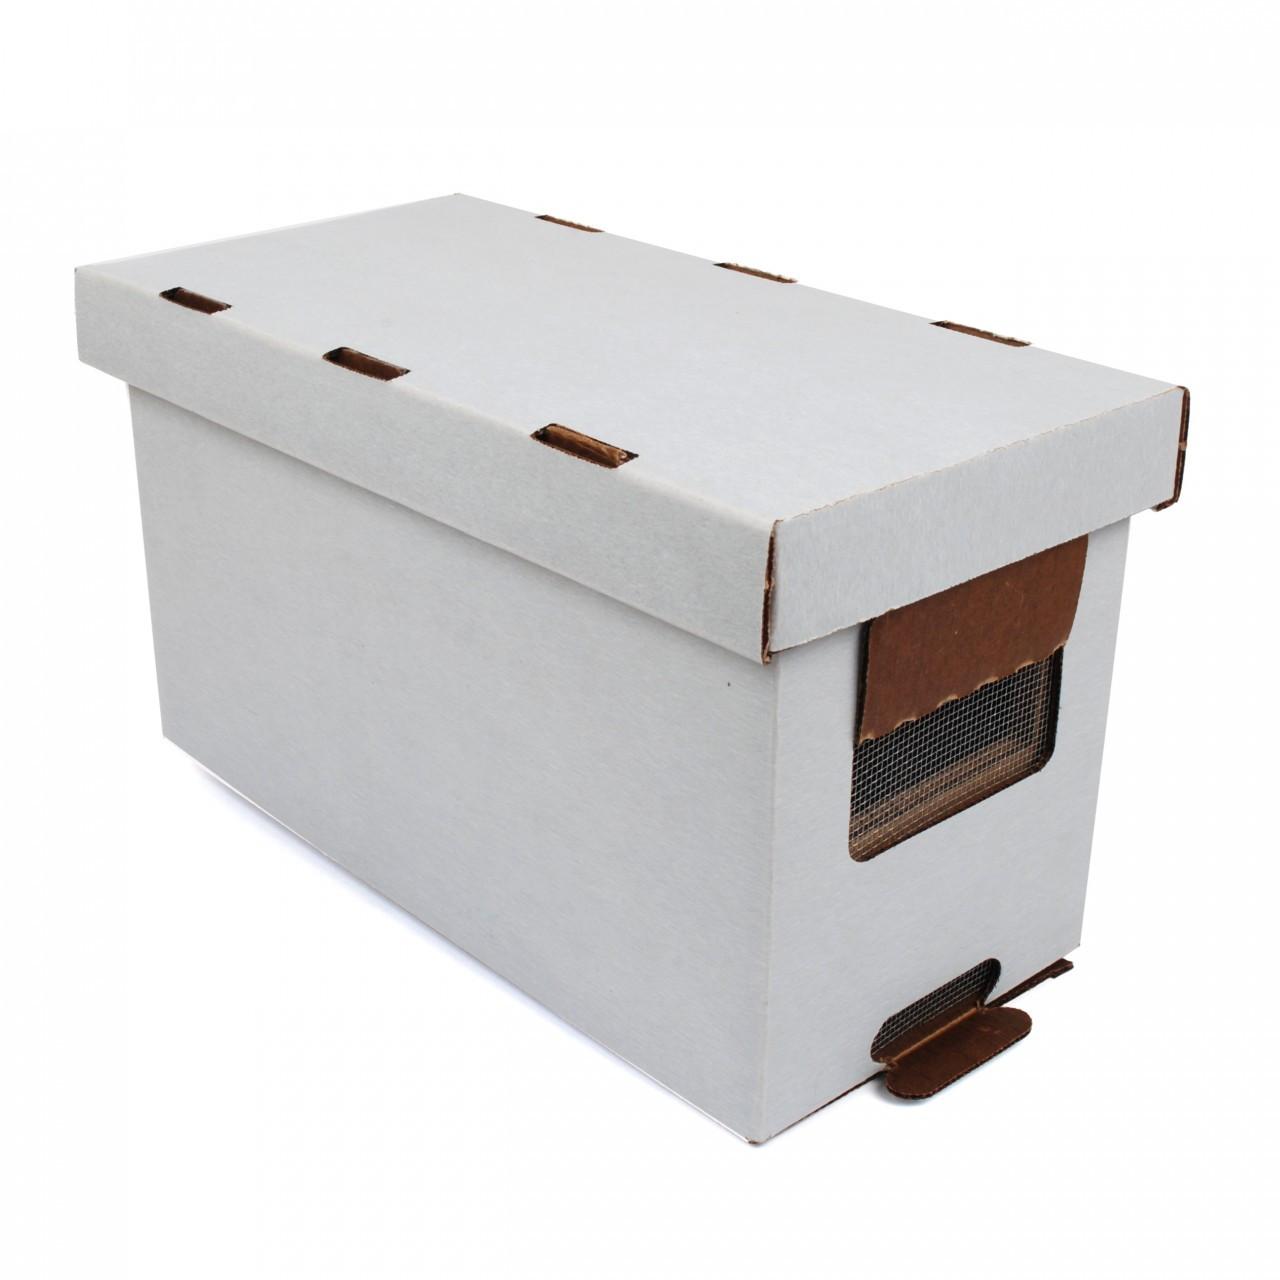 Nuc Box Waxed Cardboard Hudson Valley Bee Supply